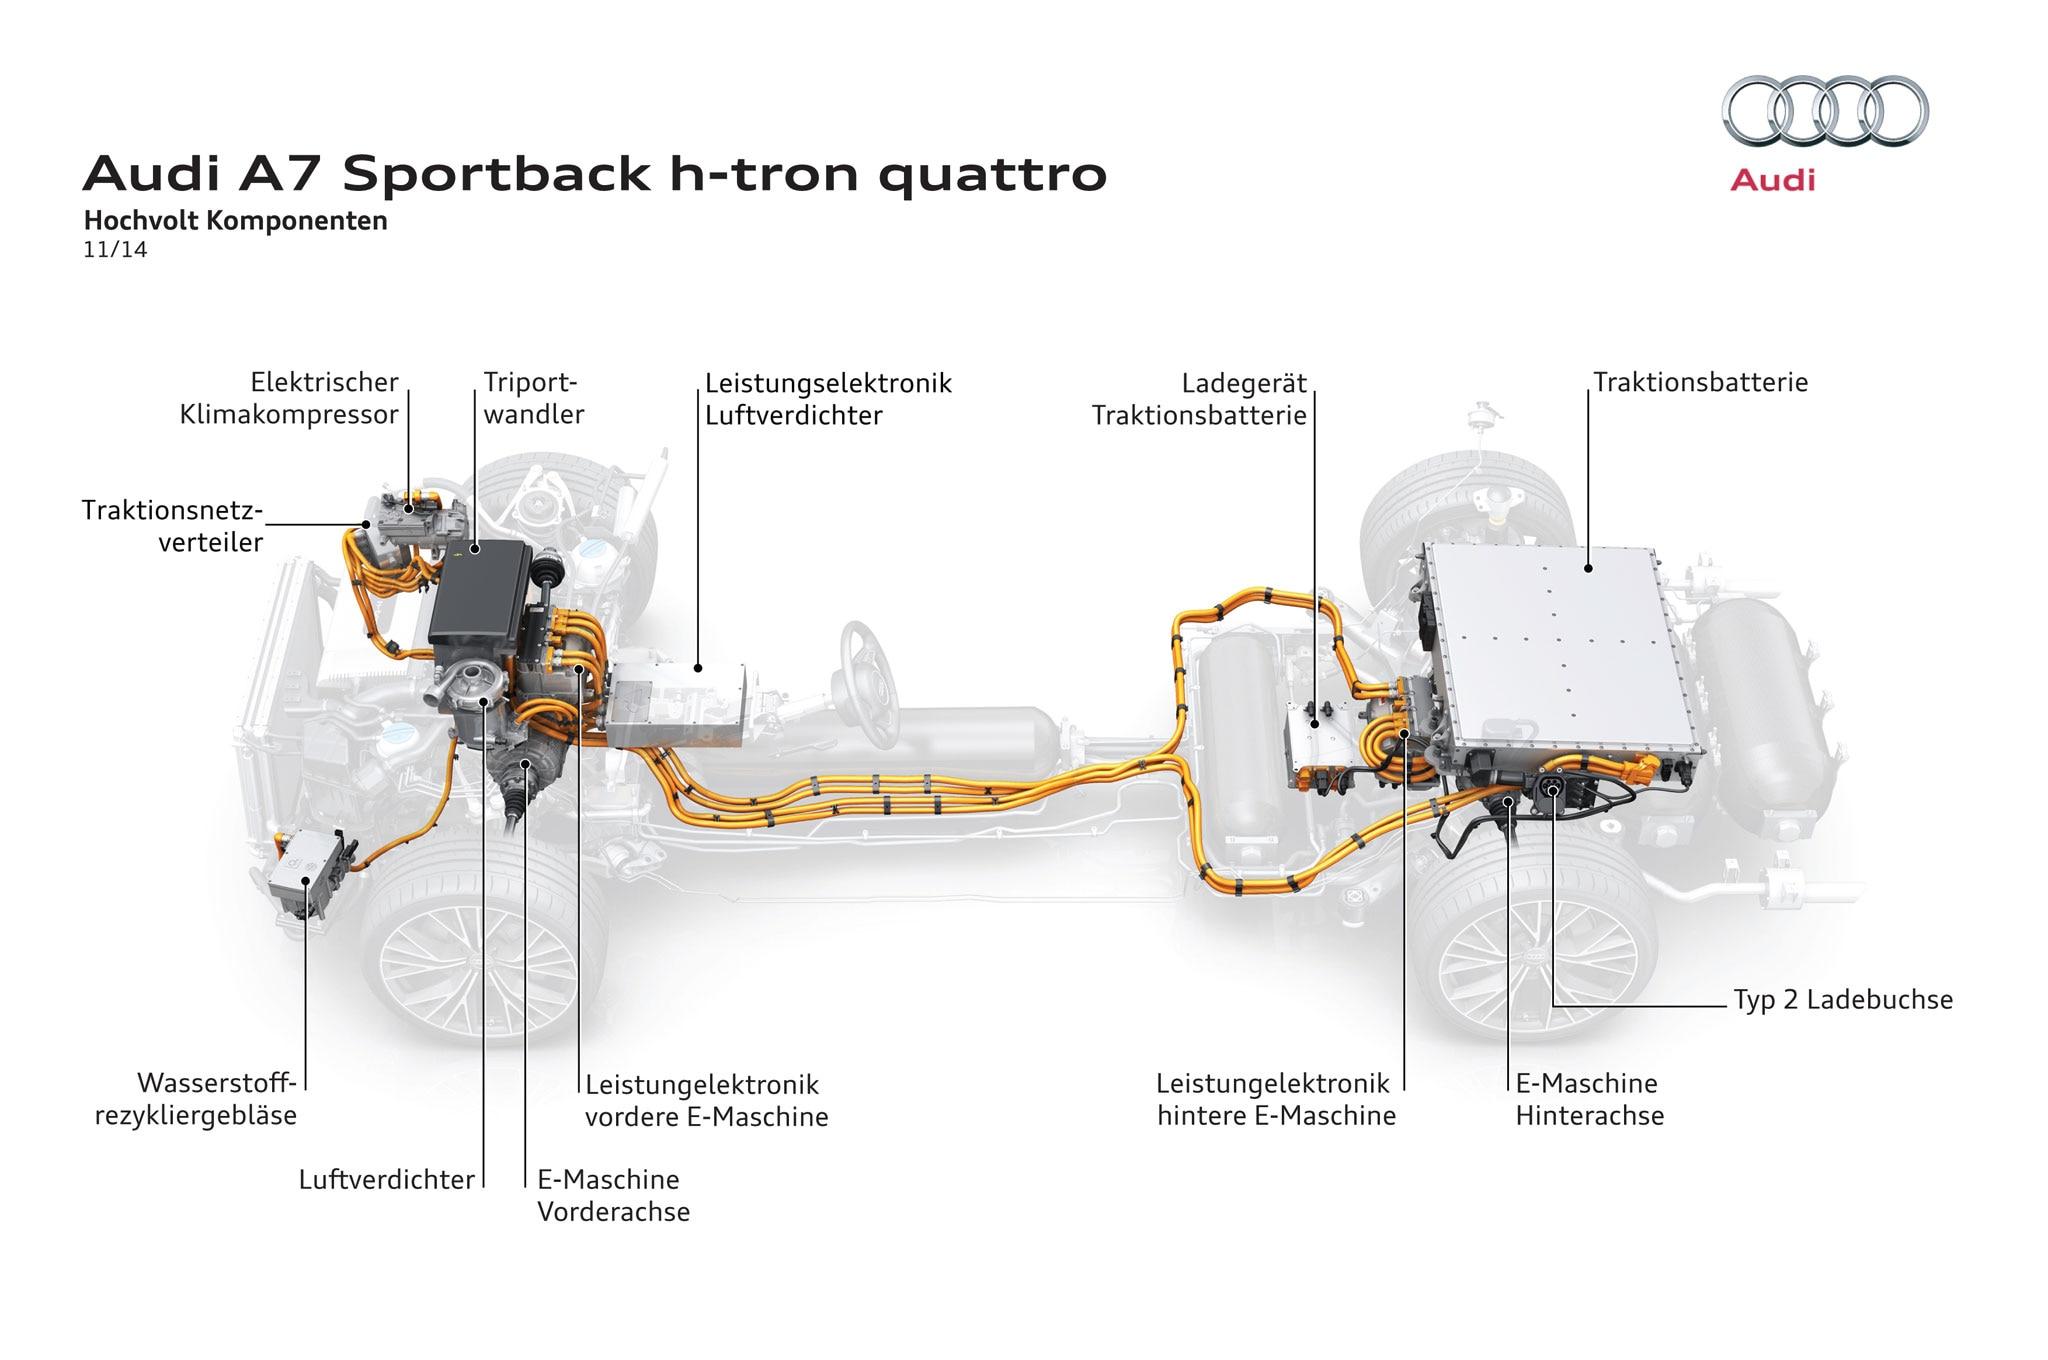 Audi A7 Sportback h-tron Quattro Concept Review